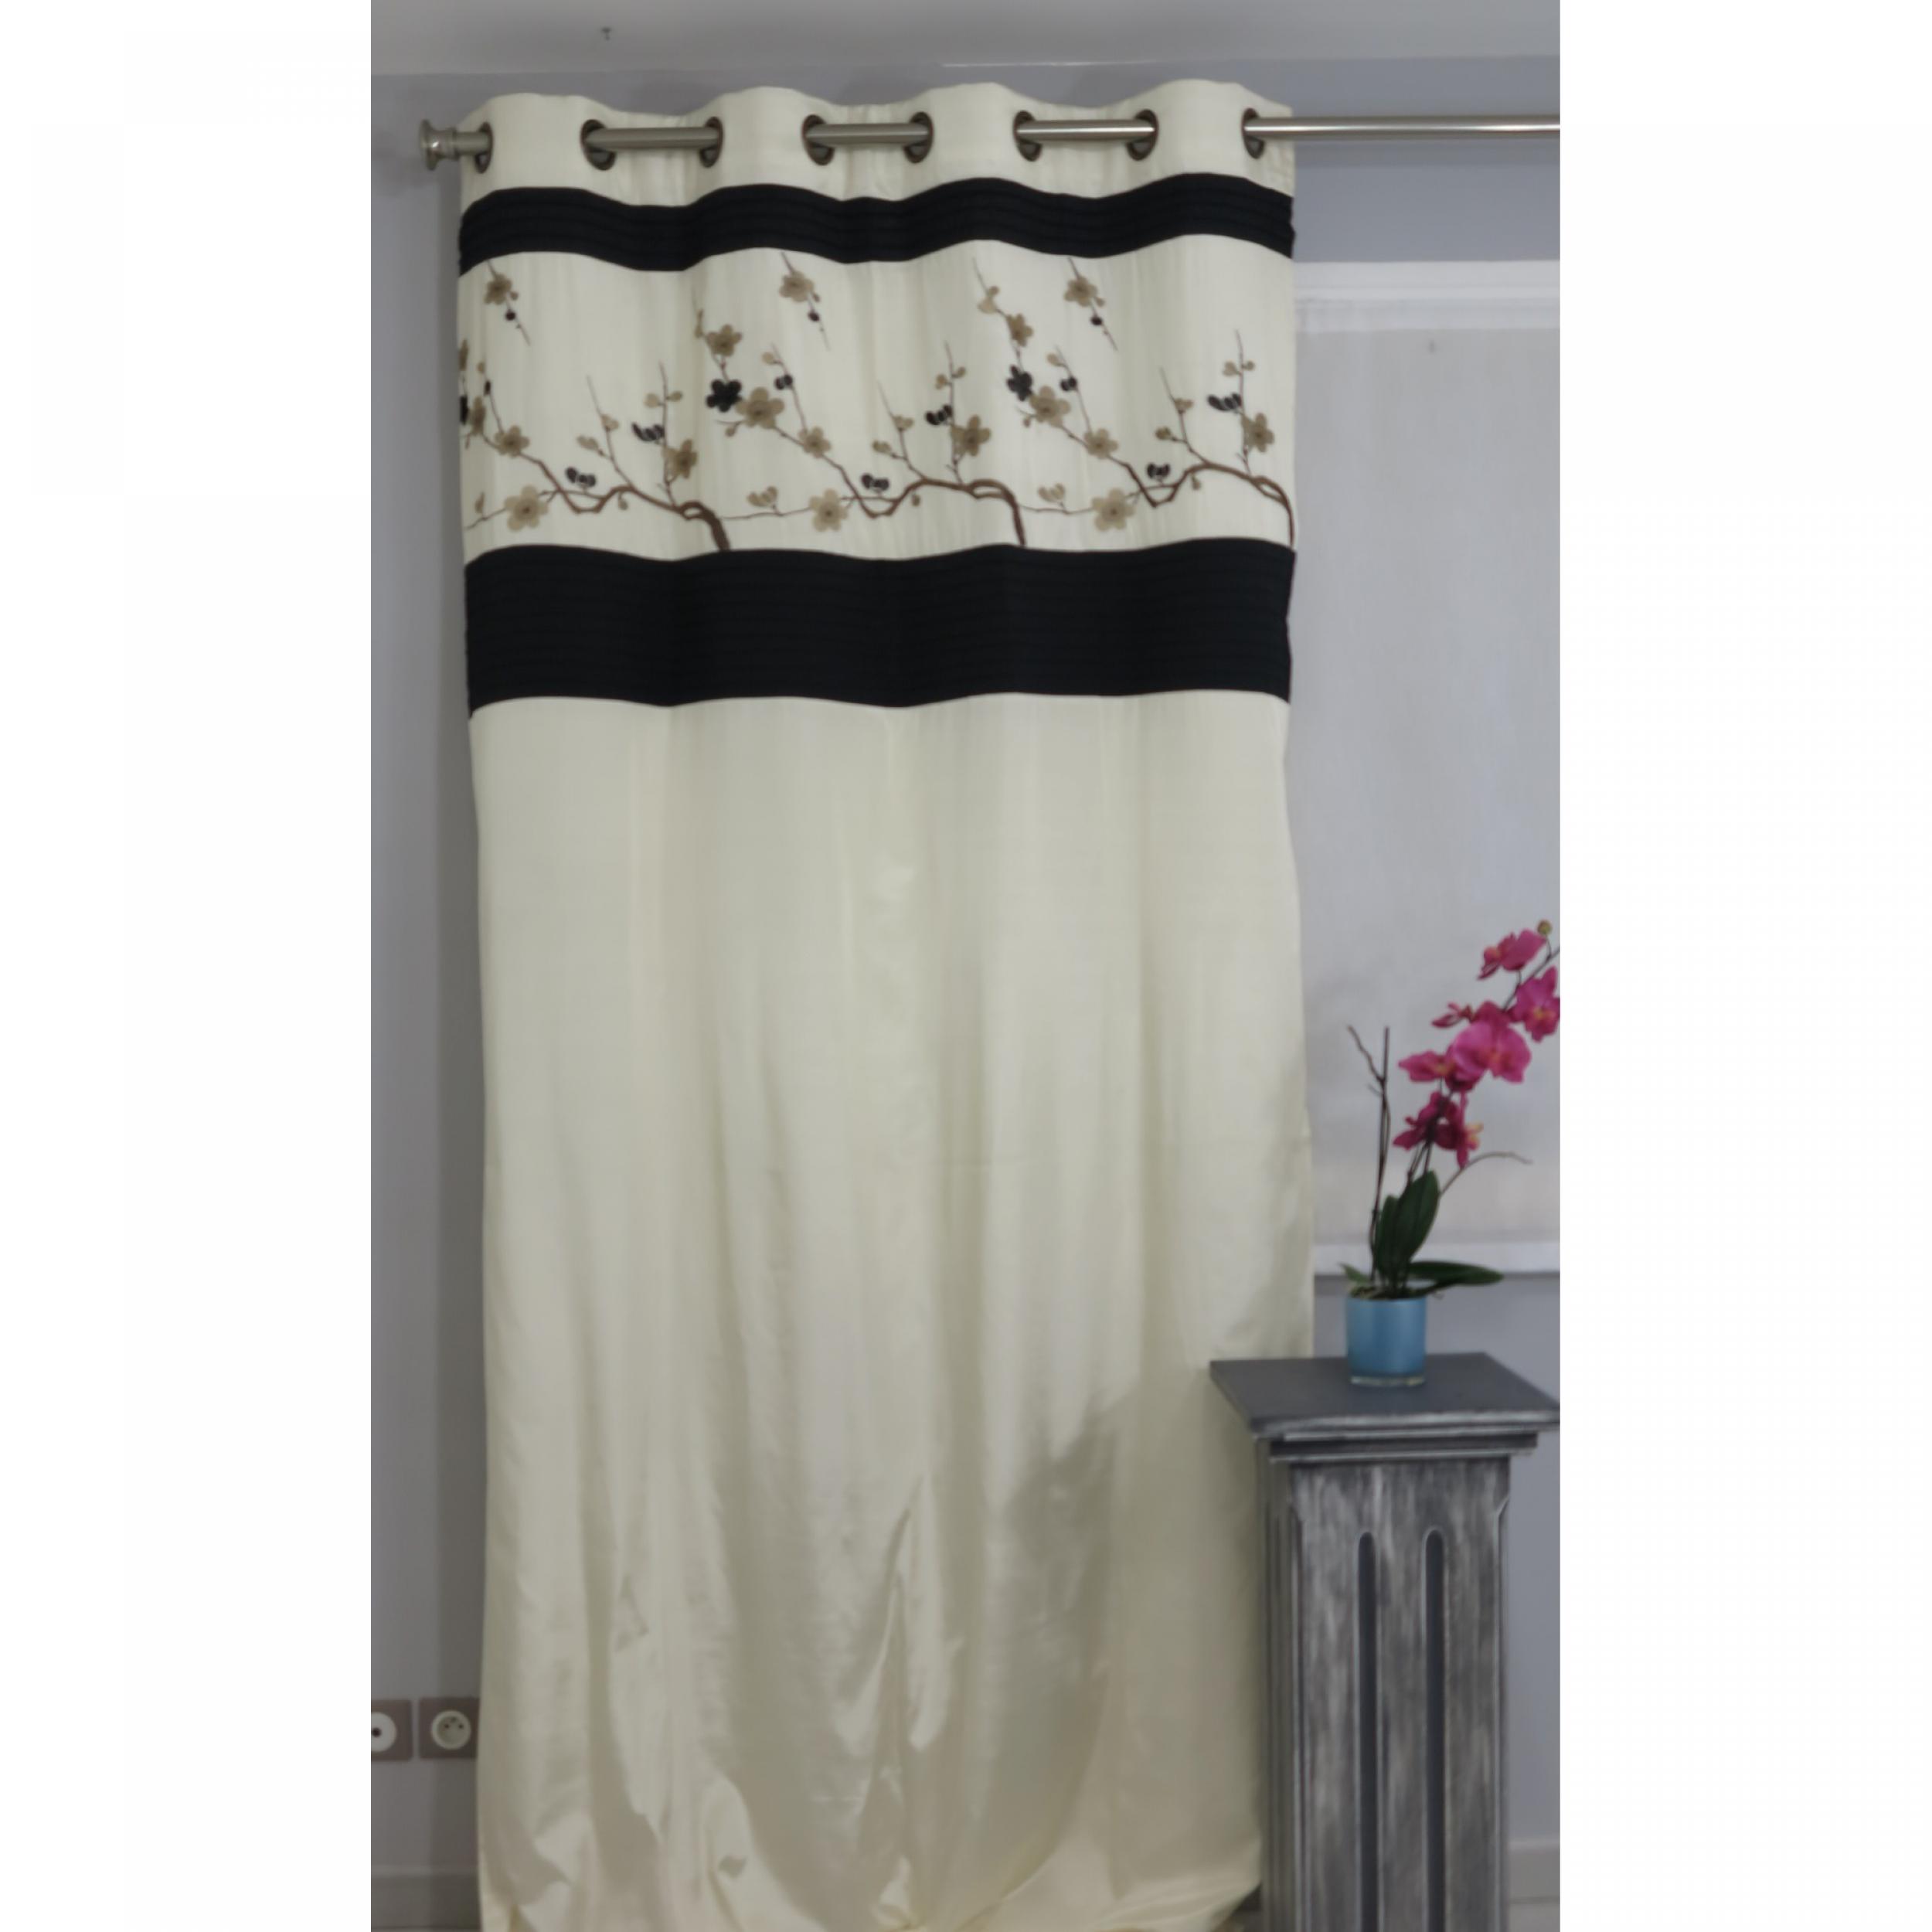 tenture pr t poser doubl prunelle naturel 135 x 270 cm l 39 atelier de la toile. Black Bedroom Furniture Sets. Home Design Ideas